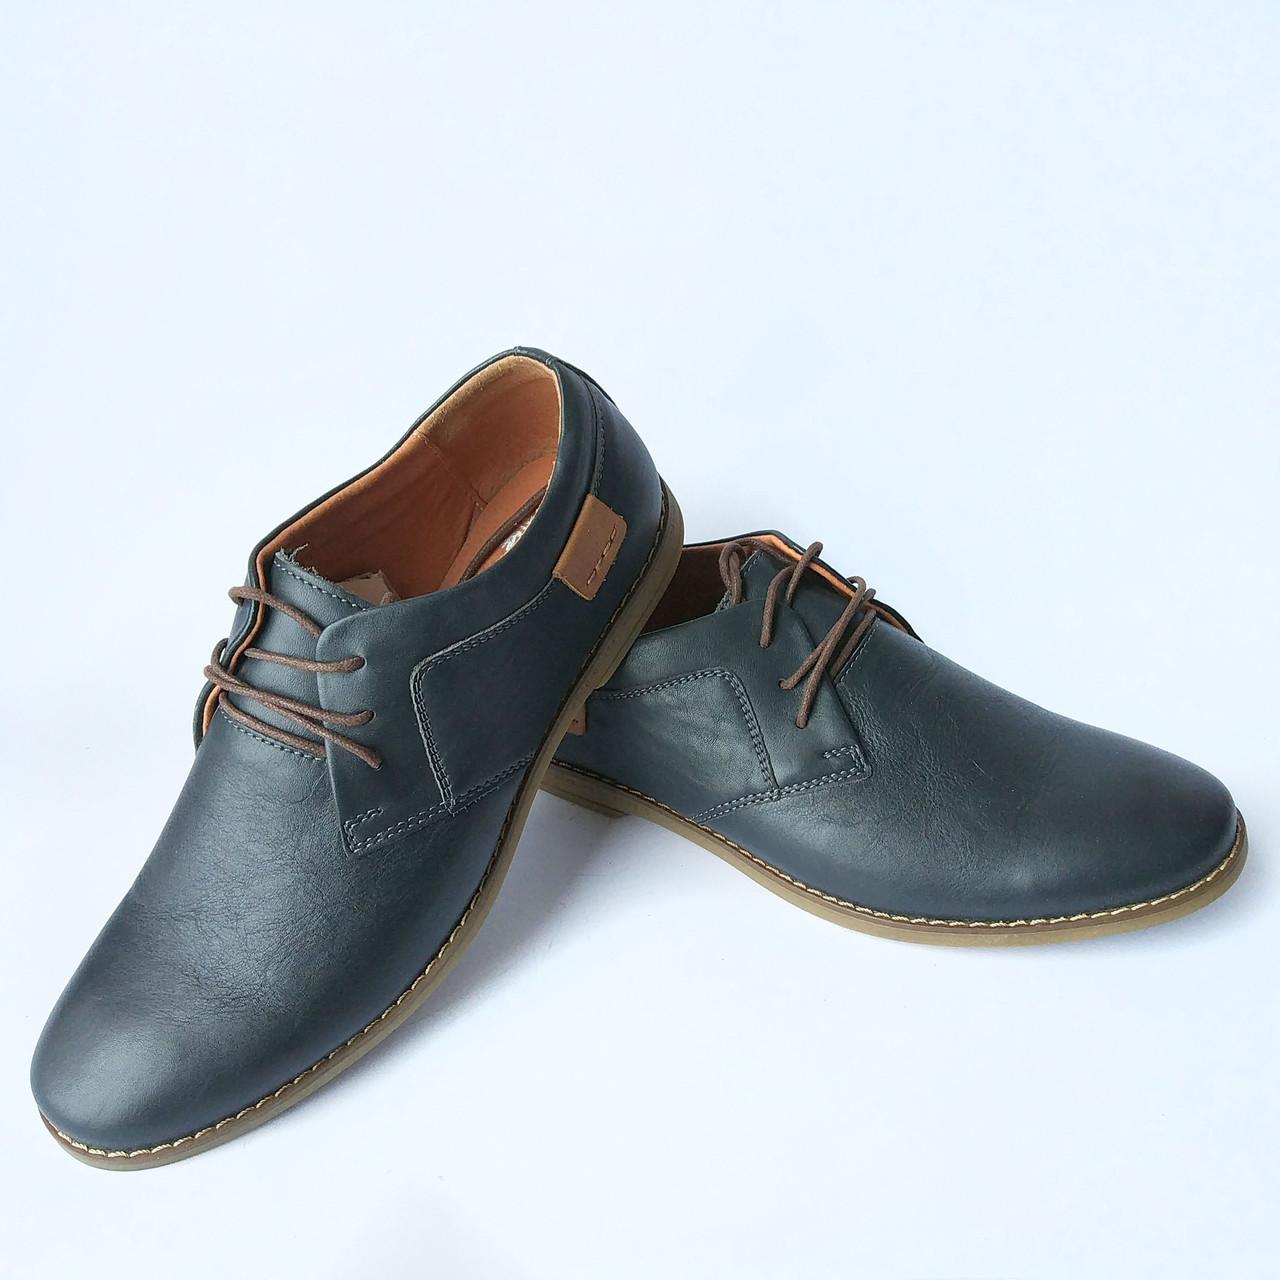 d5bf2b2d Кожаная обувь Харьков : спортивные туфли синего цвета фабрики Affinity